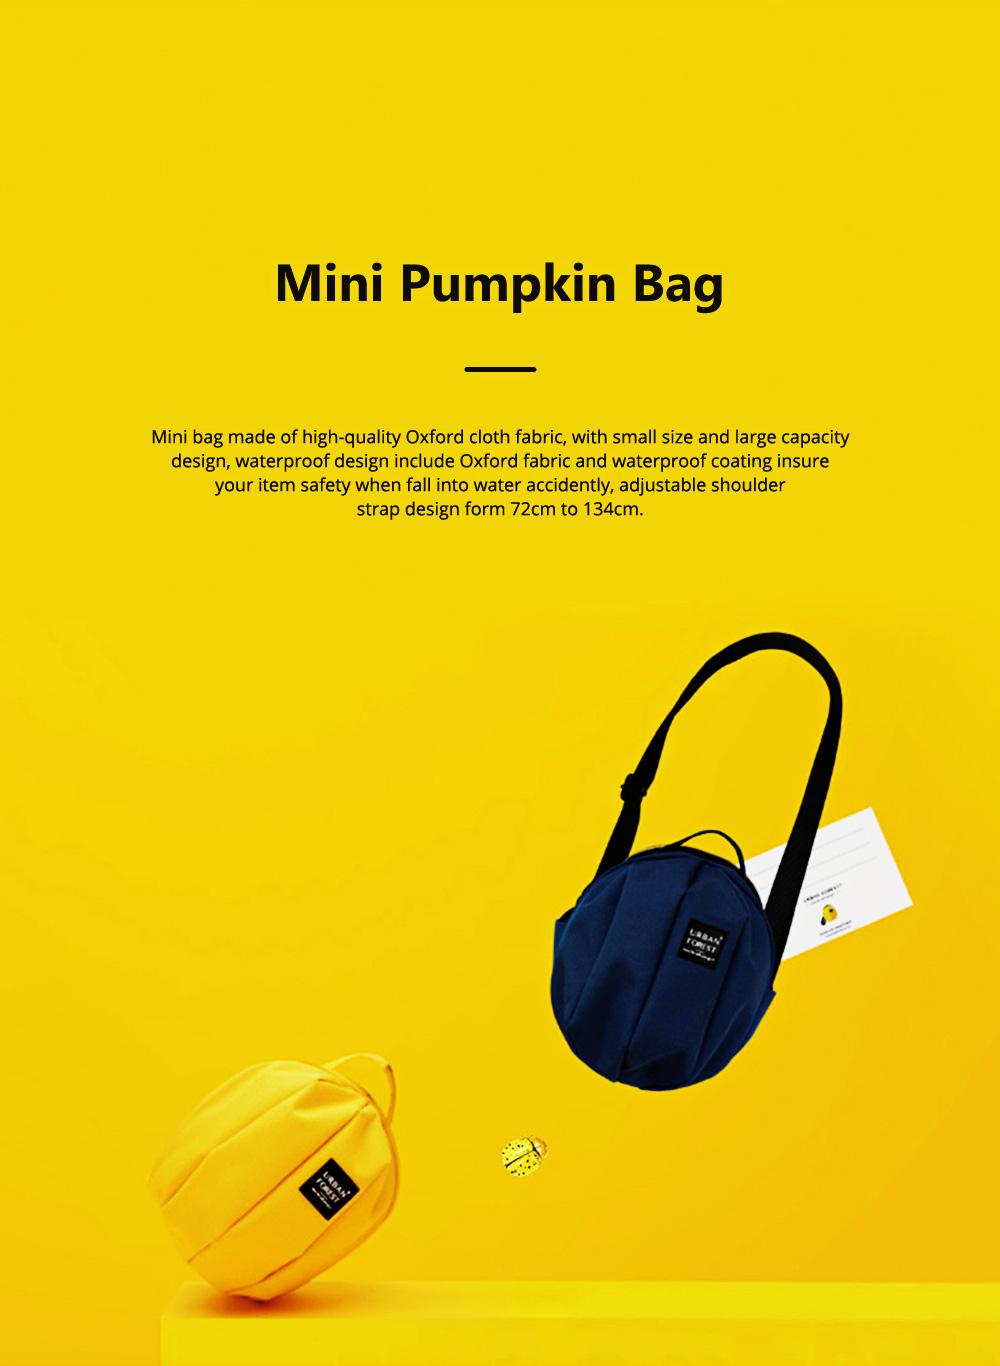 Mini Shoulder Bag for Children Small Size Large Capacity Waterproof Beatles Package Adjustable Shoulder Strap Hand Bag 0